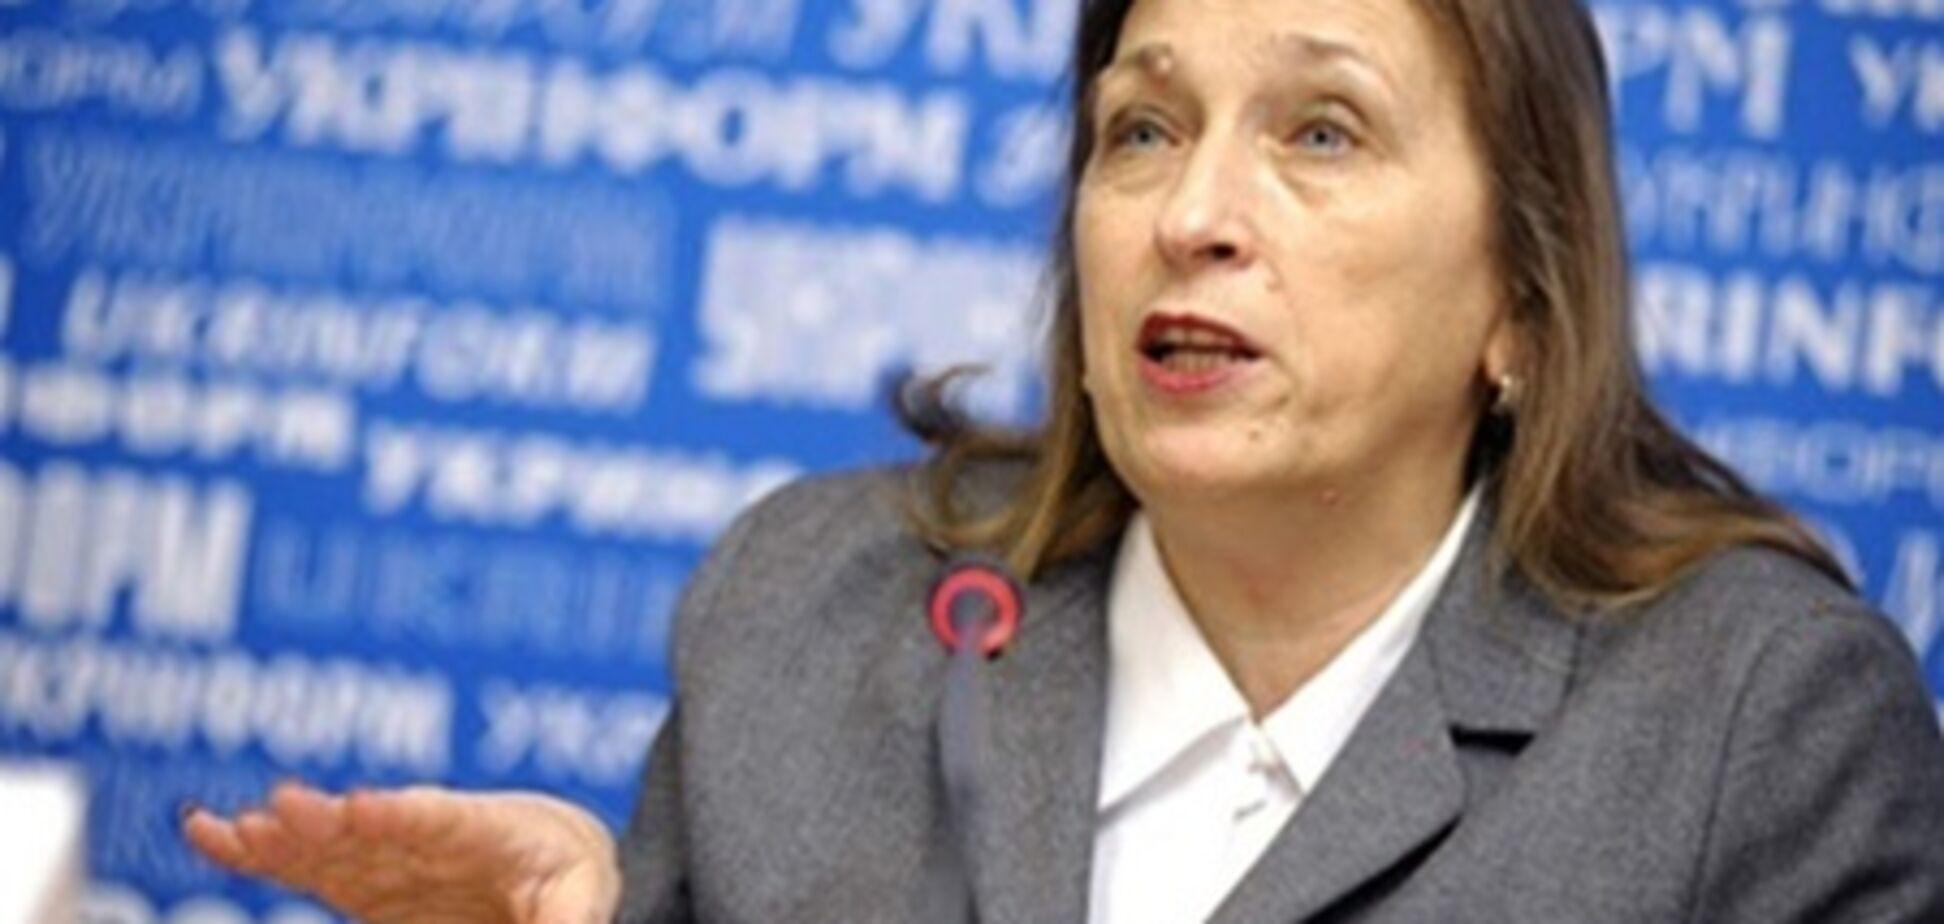 Бекешкина: Уровень социального напряжения в Украине довольно высокий